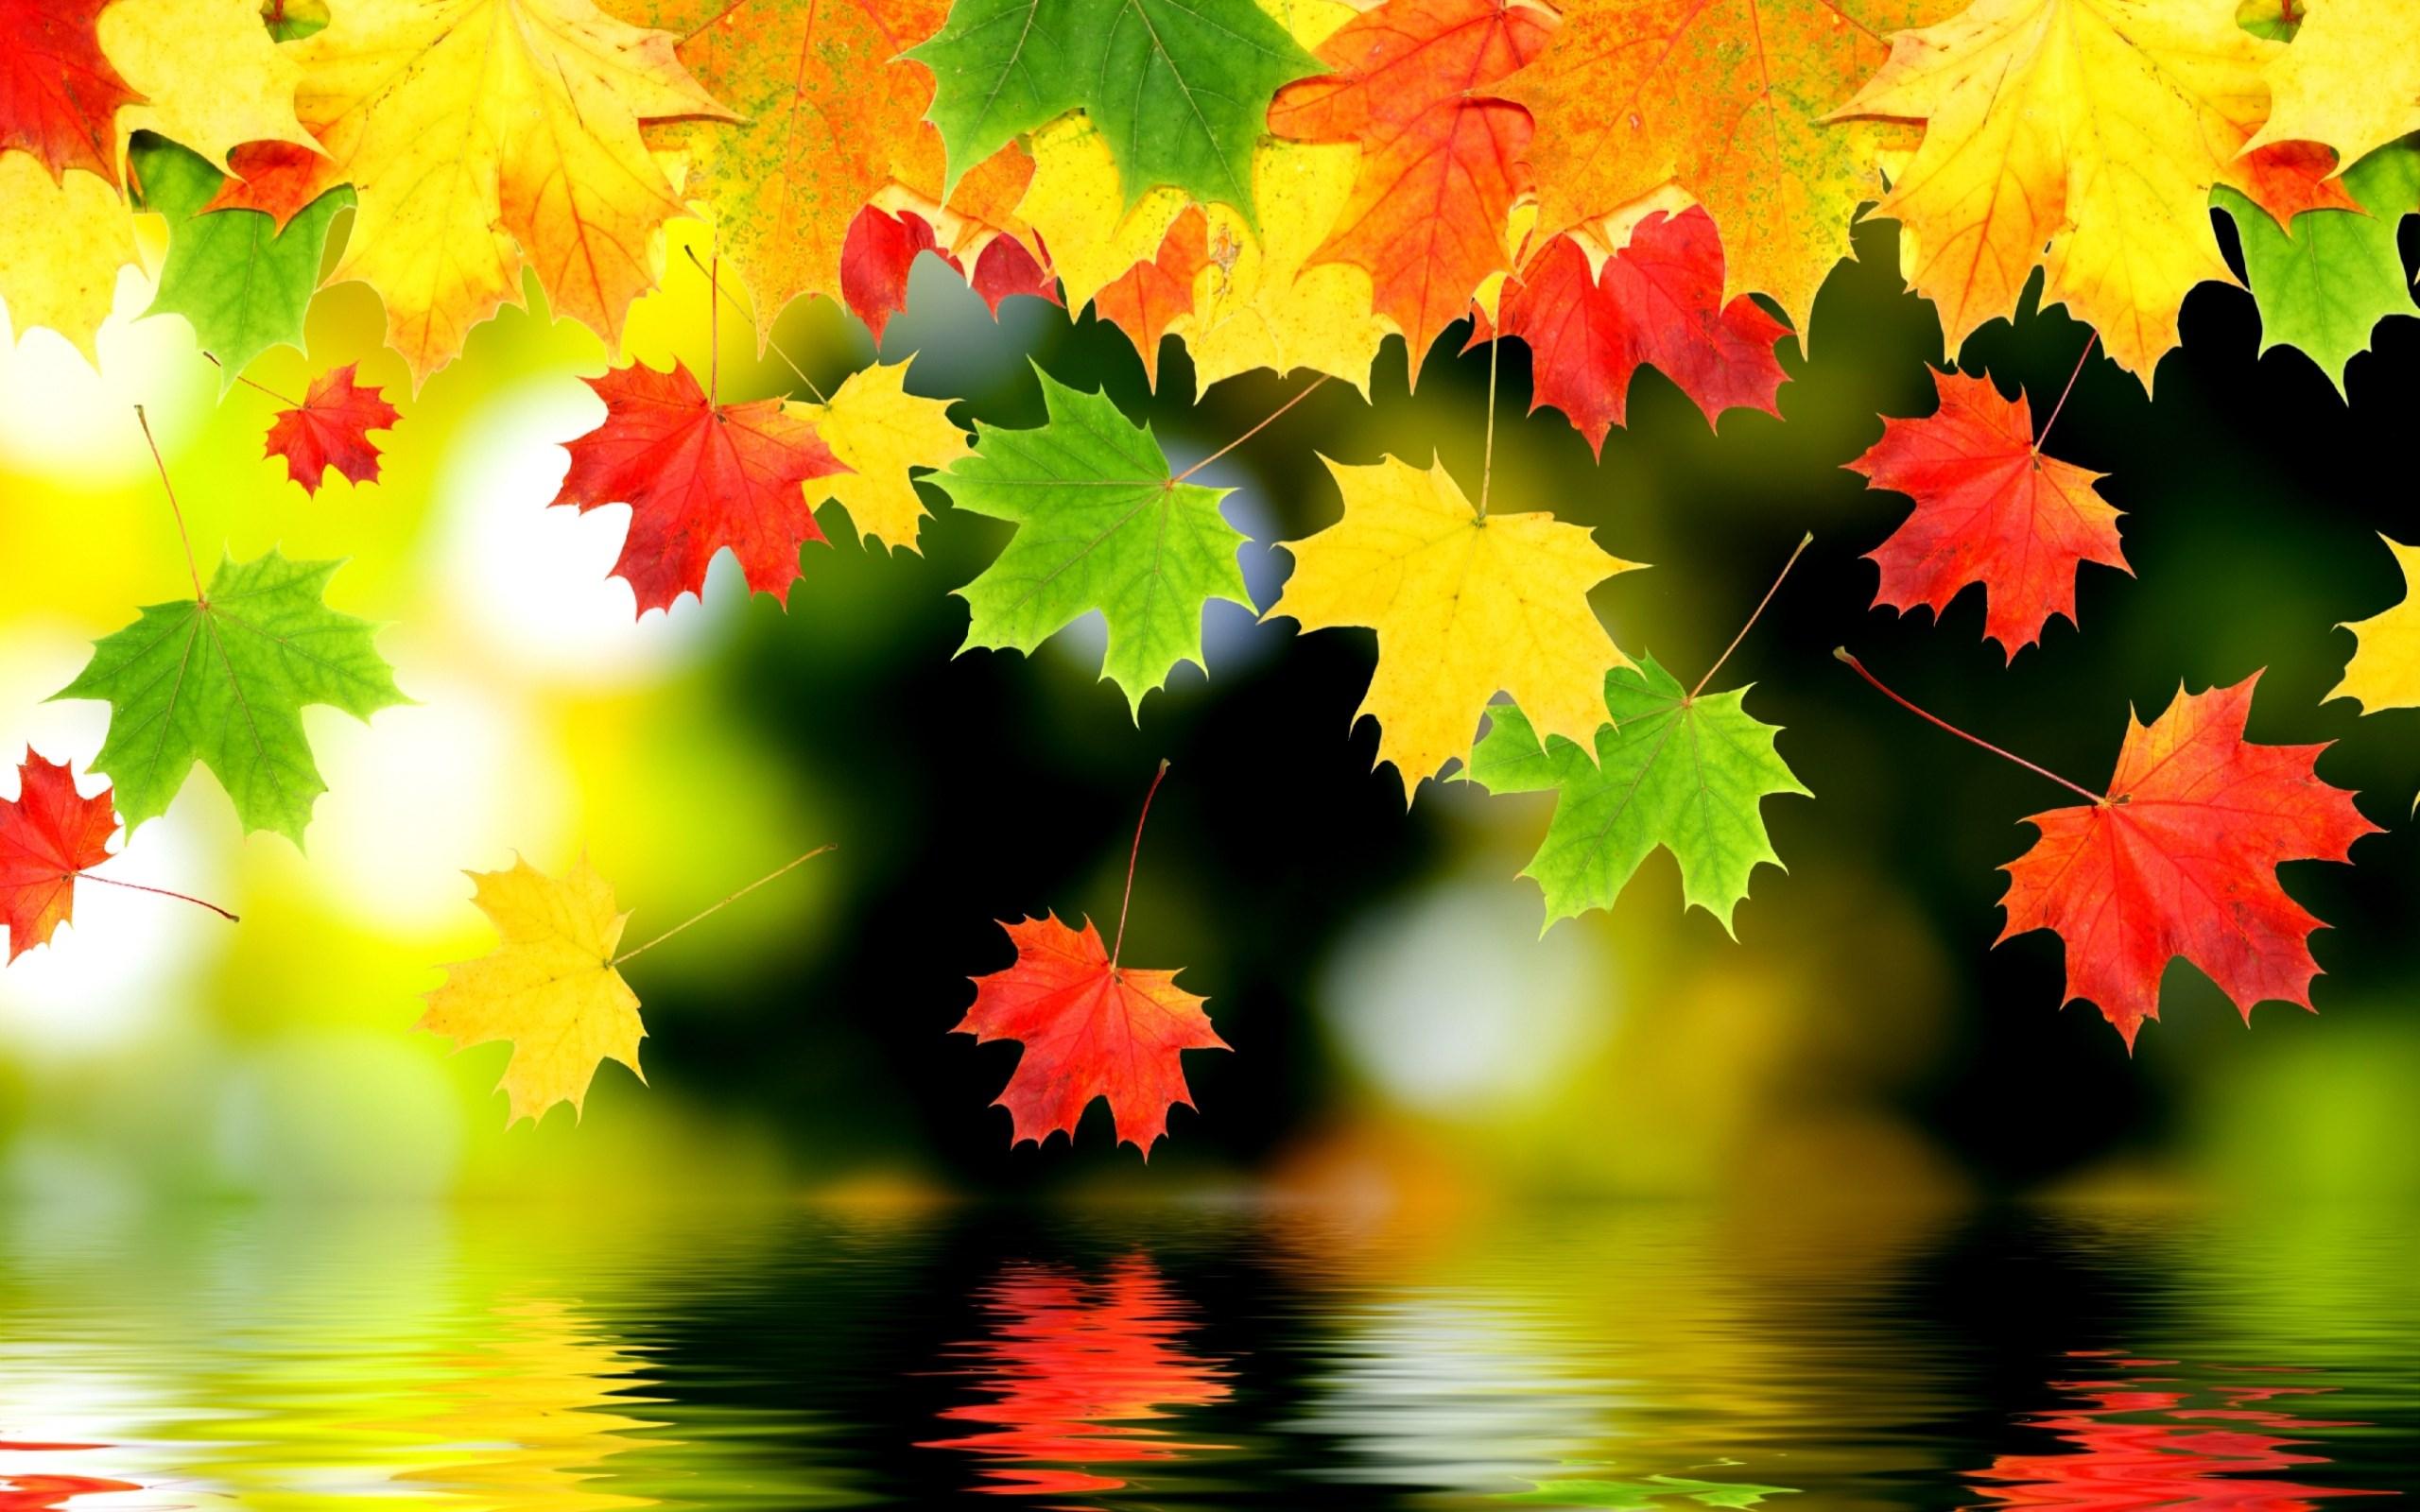 Красивые картинки поздняя осень на рабочий стол (7)